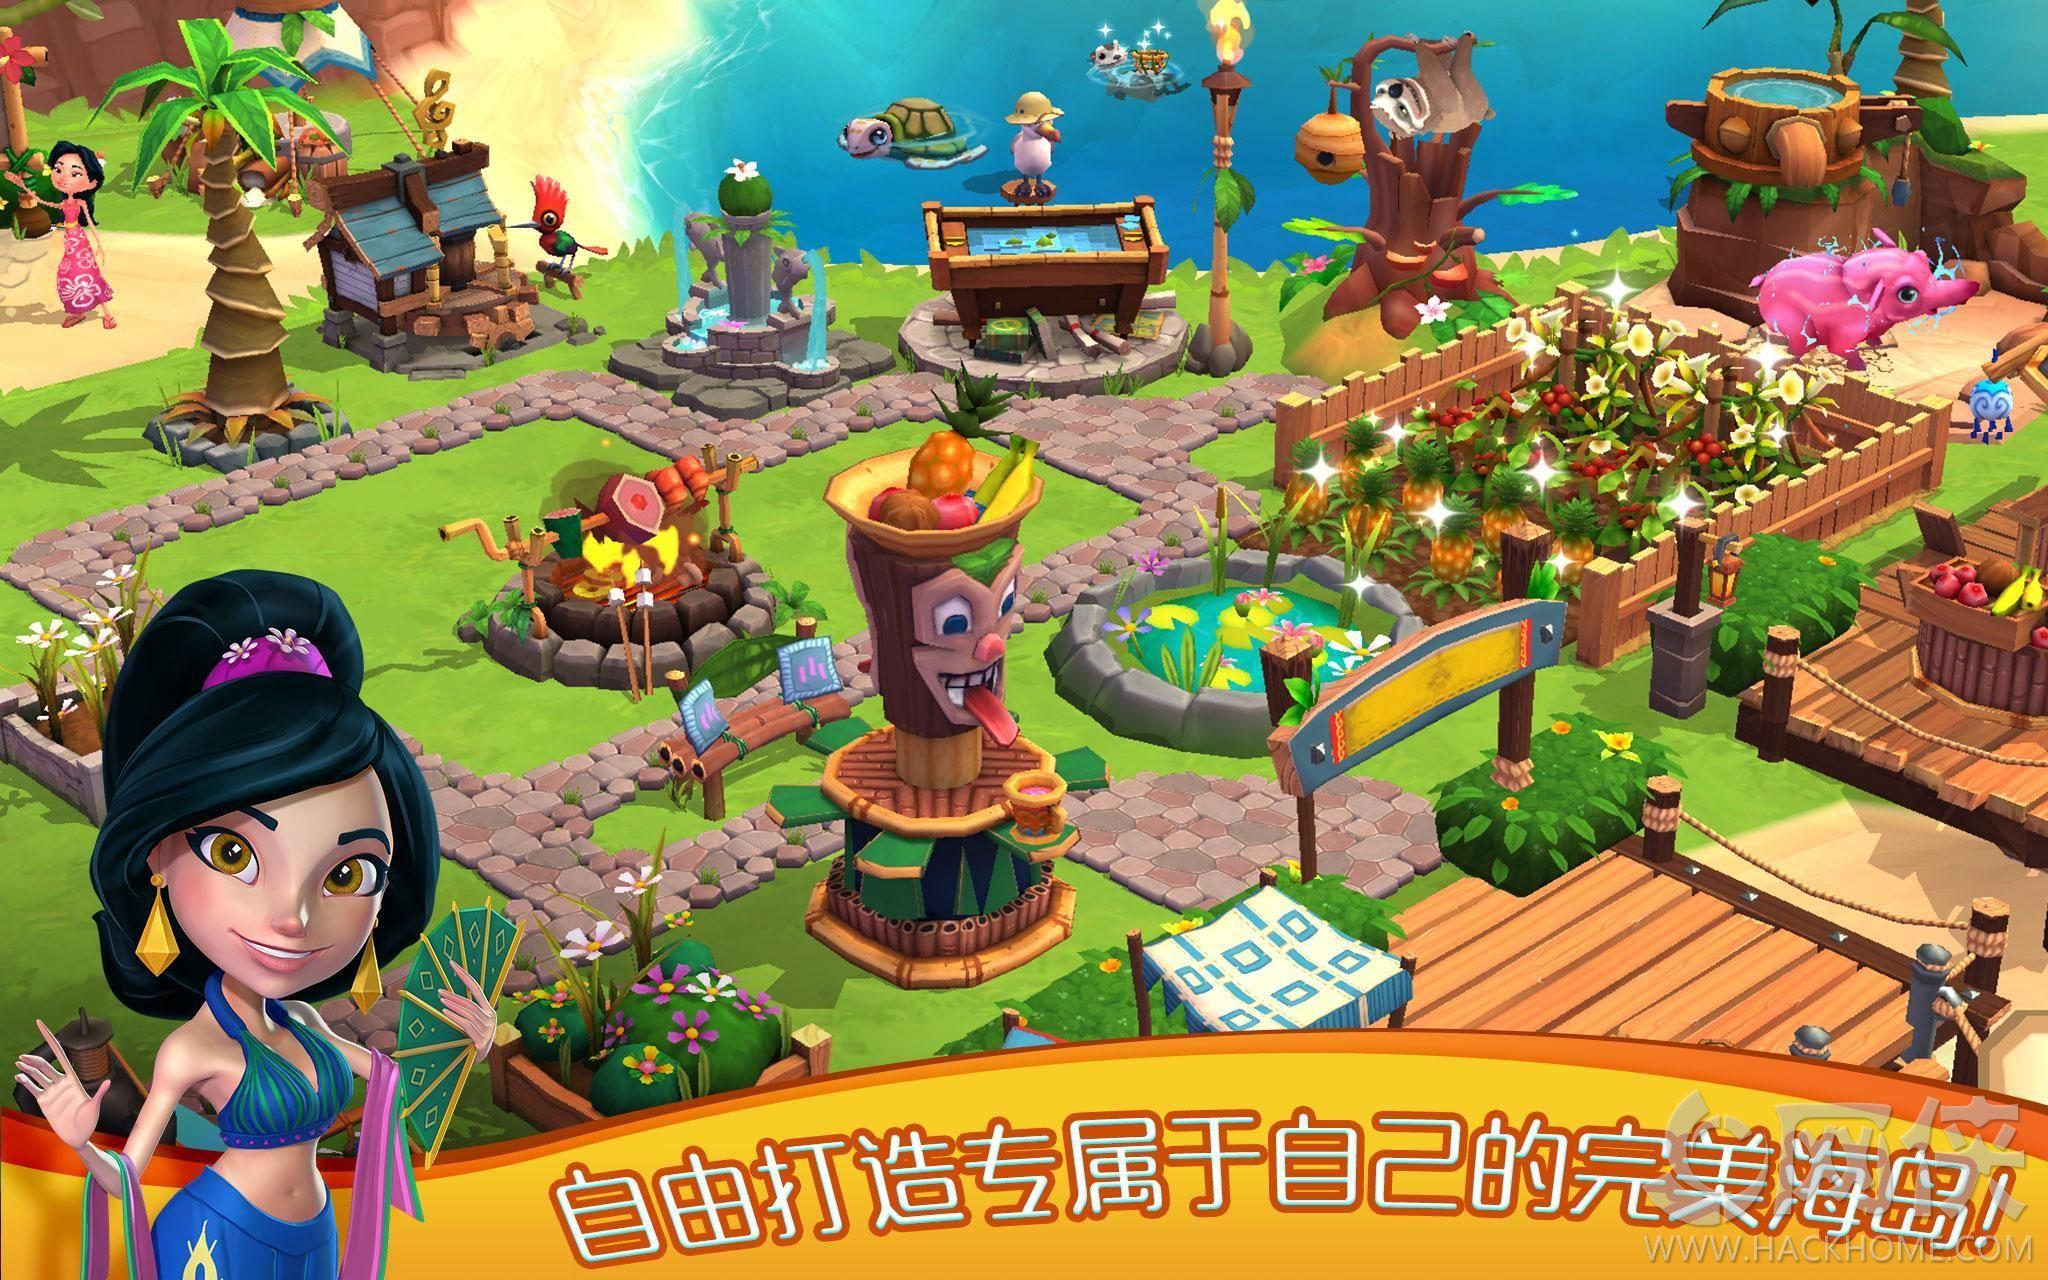 心悦海岛游戏网安卓版下载v1.2.